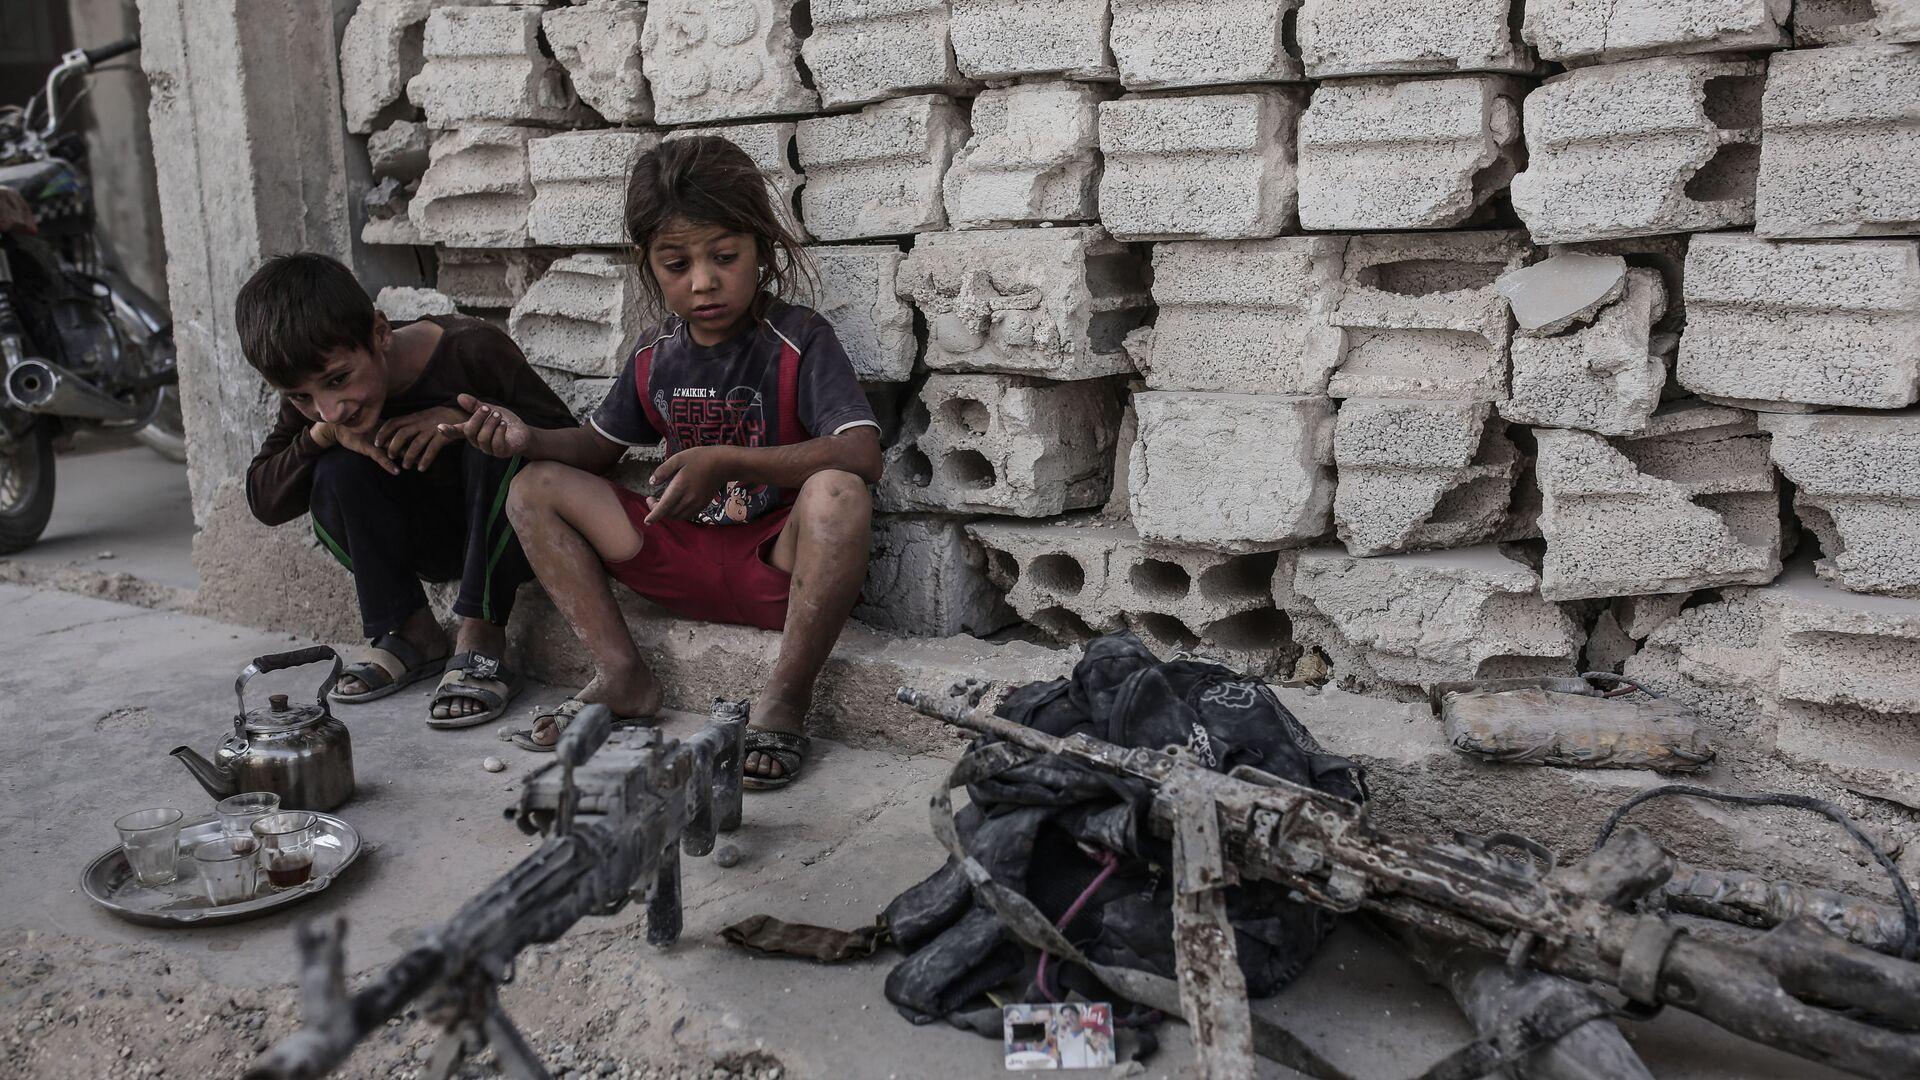 Дети смотрят на оружие, оставленное боевиками ИГ (запрещена в РФ) в Кобани, Сирия. 2015 год.  - РИА Новости, 1920, 12.02.2019